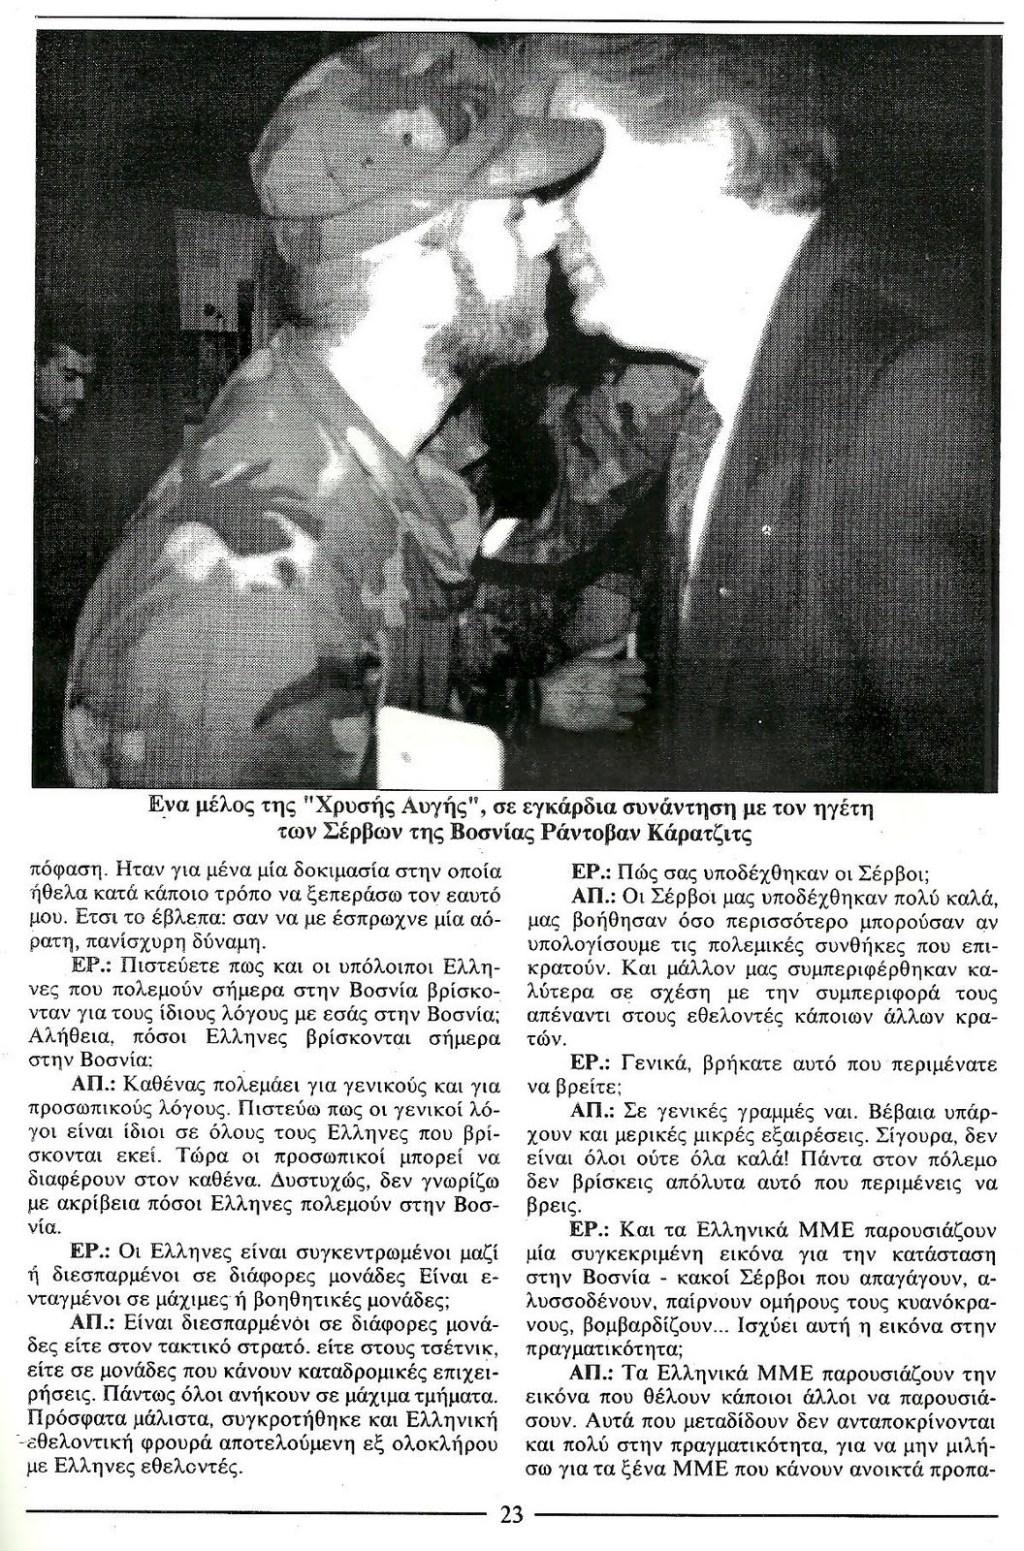 ΔΚ, Πολεμώντας στη Βοσνία, Περιοδικό Χρυσή Αυγή, τχ#088, Σεπτέμβριος 1995, σ. 23